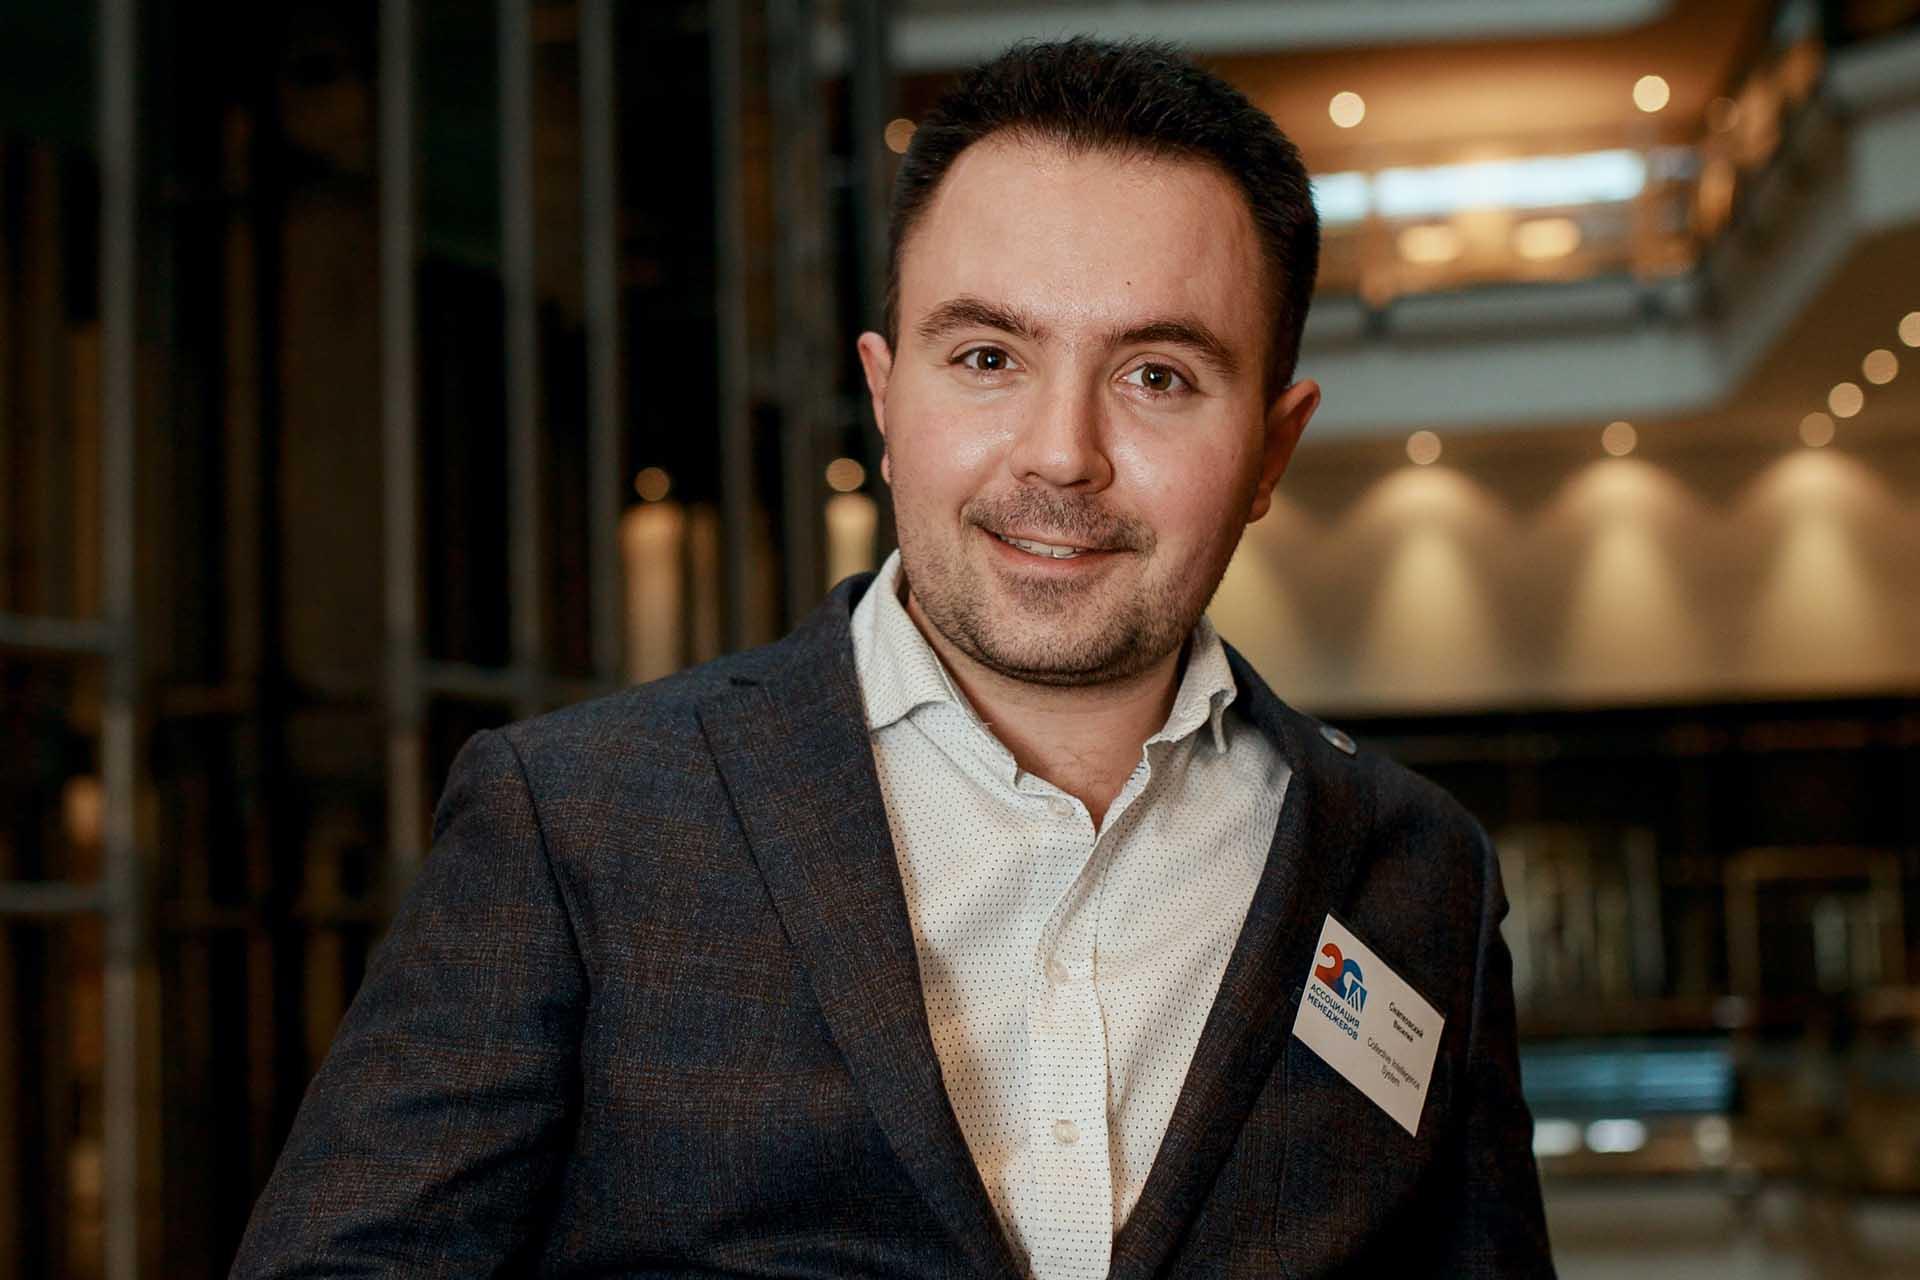 Василий Снапковский - business development в фонде GVA по проекту Forest tech accelerator